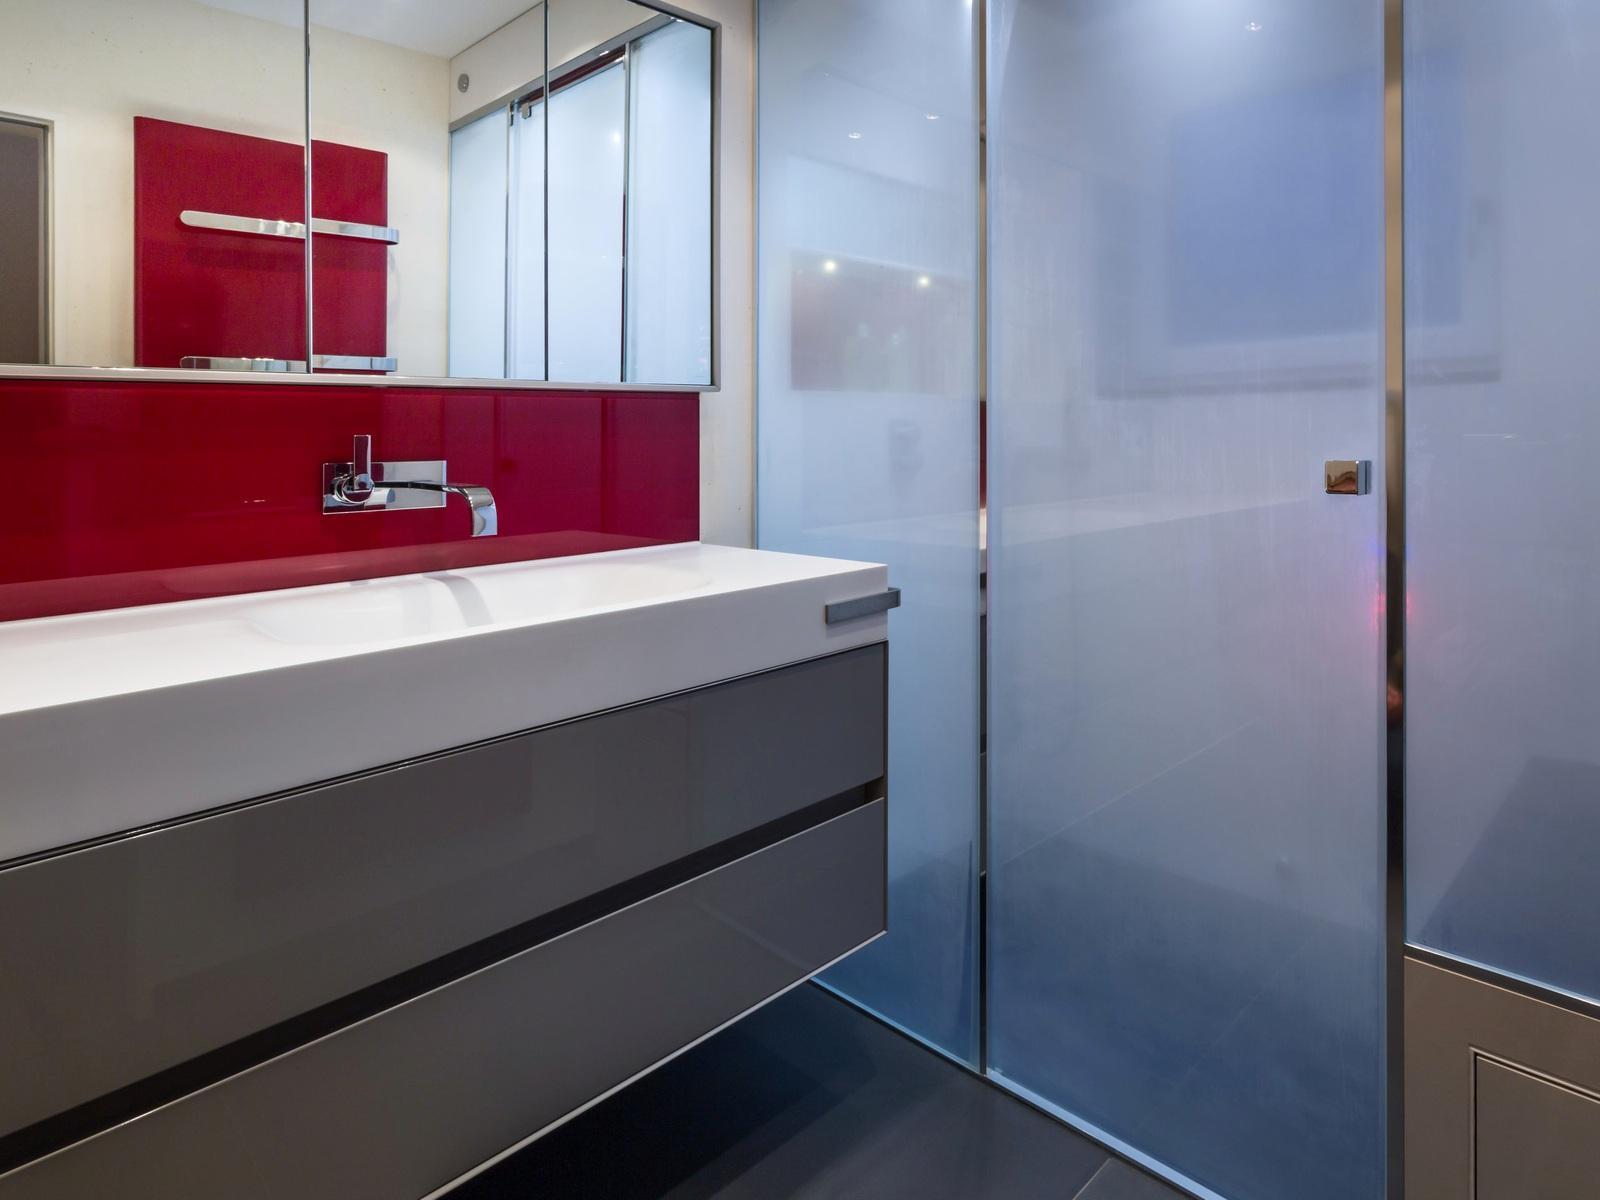 wer diesen k rperteil beim duschen vergisst dem droht. Black Bedroom Furniture Sets. Home Design Ideas